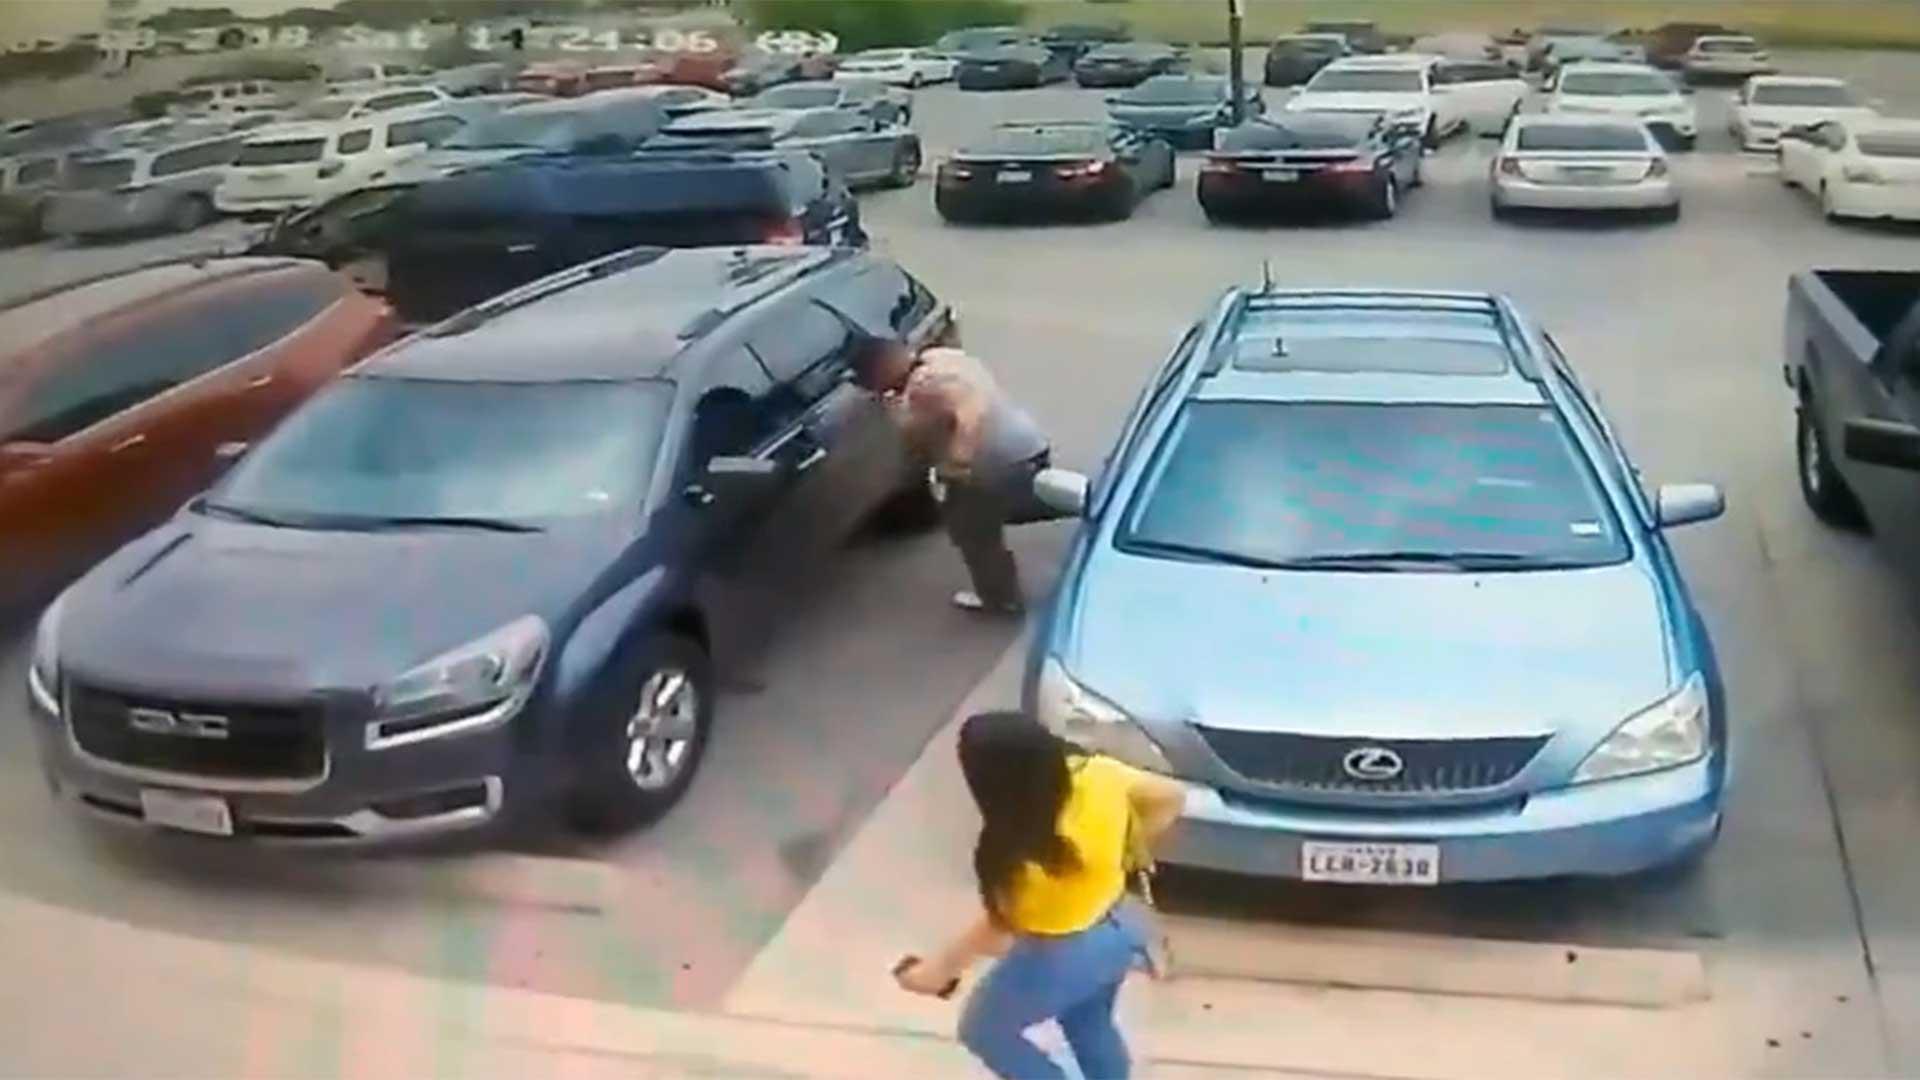 En un ataque de ira, el hombre pateó el vehículo